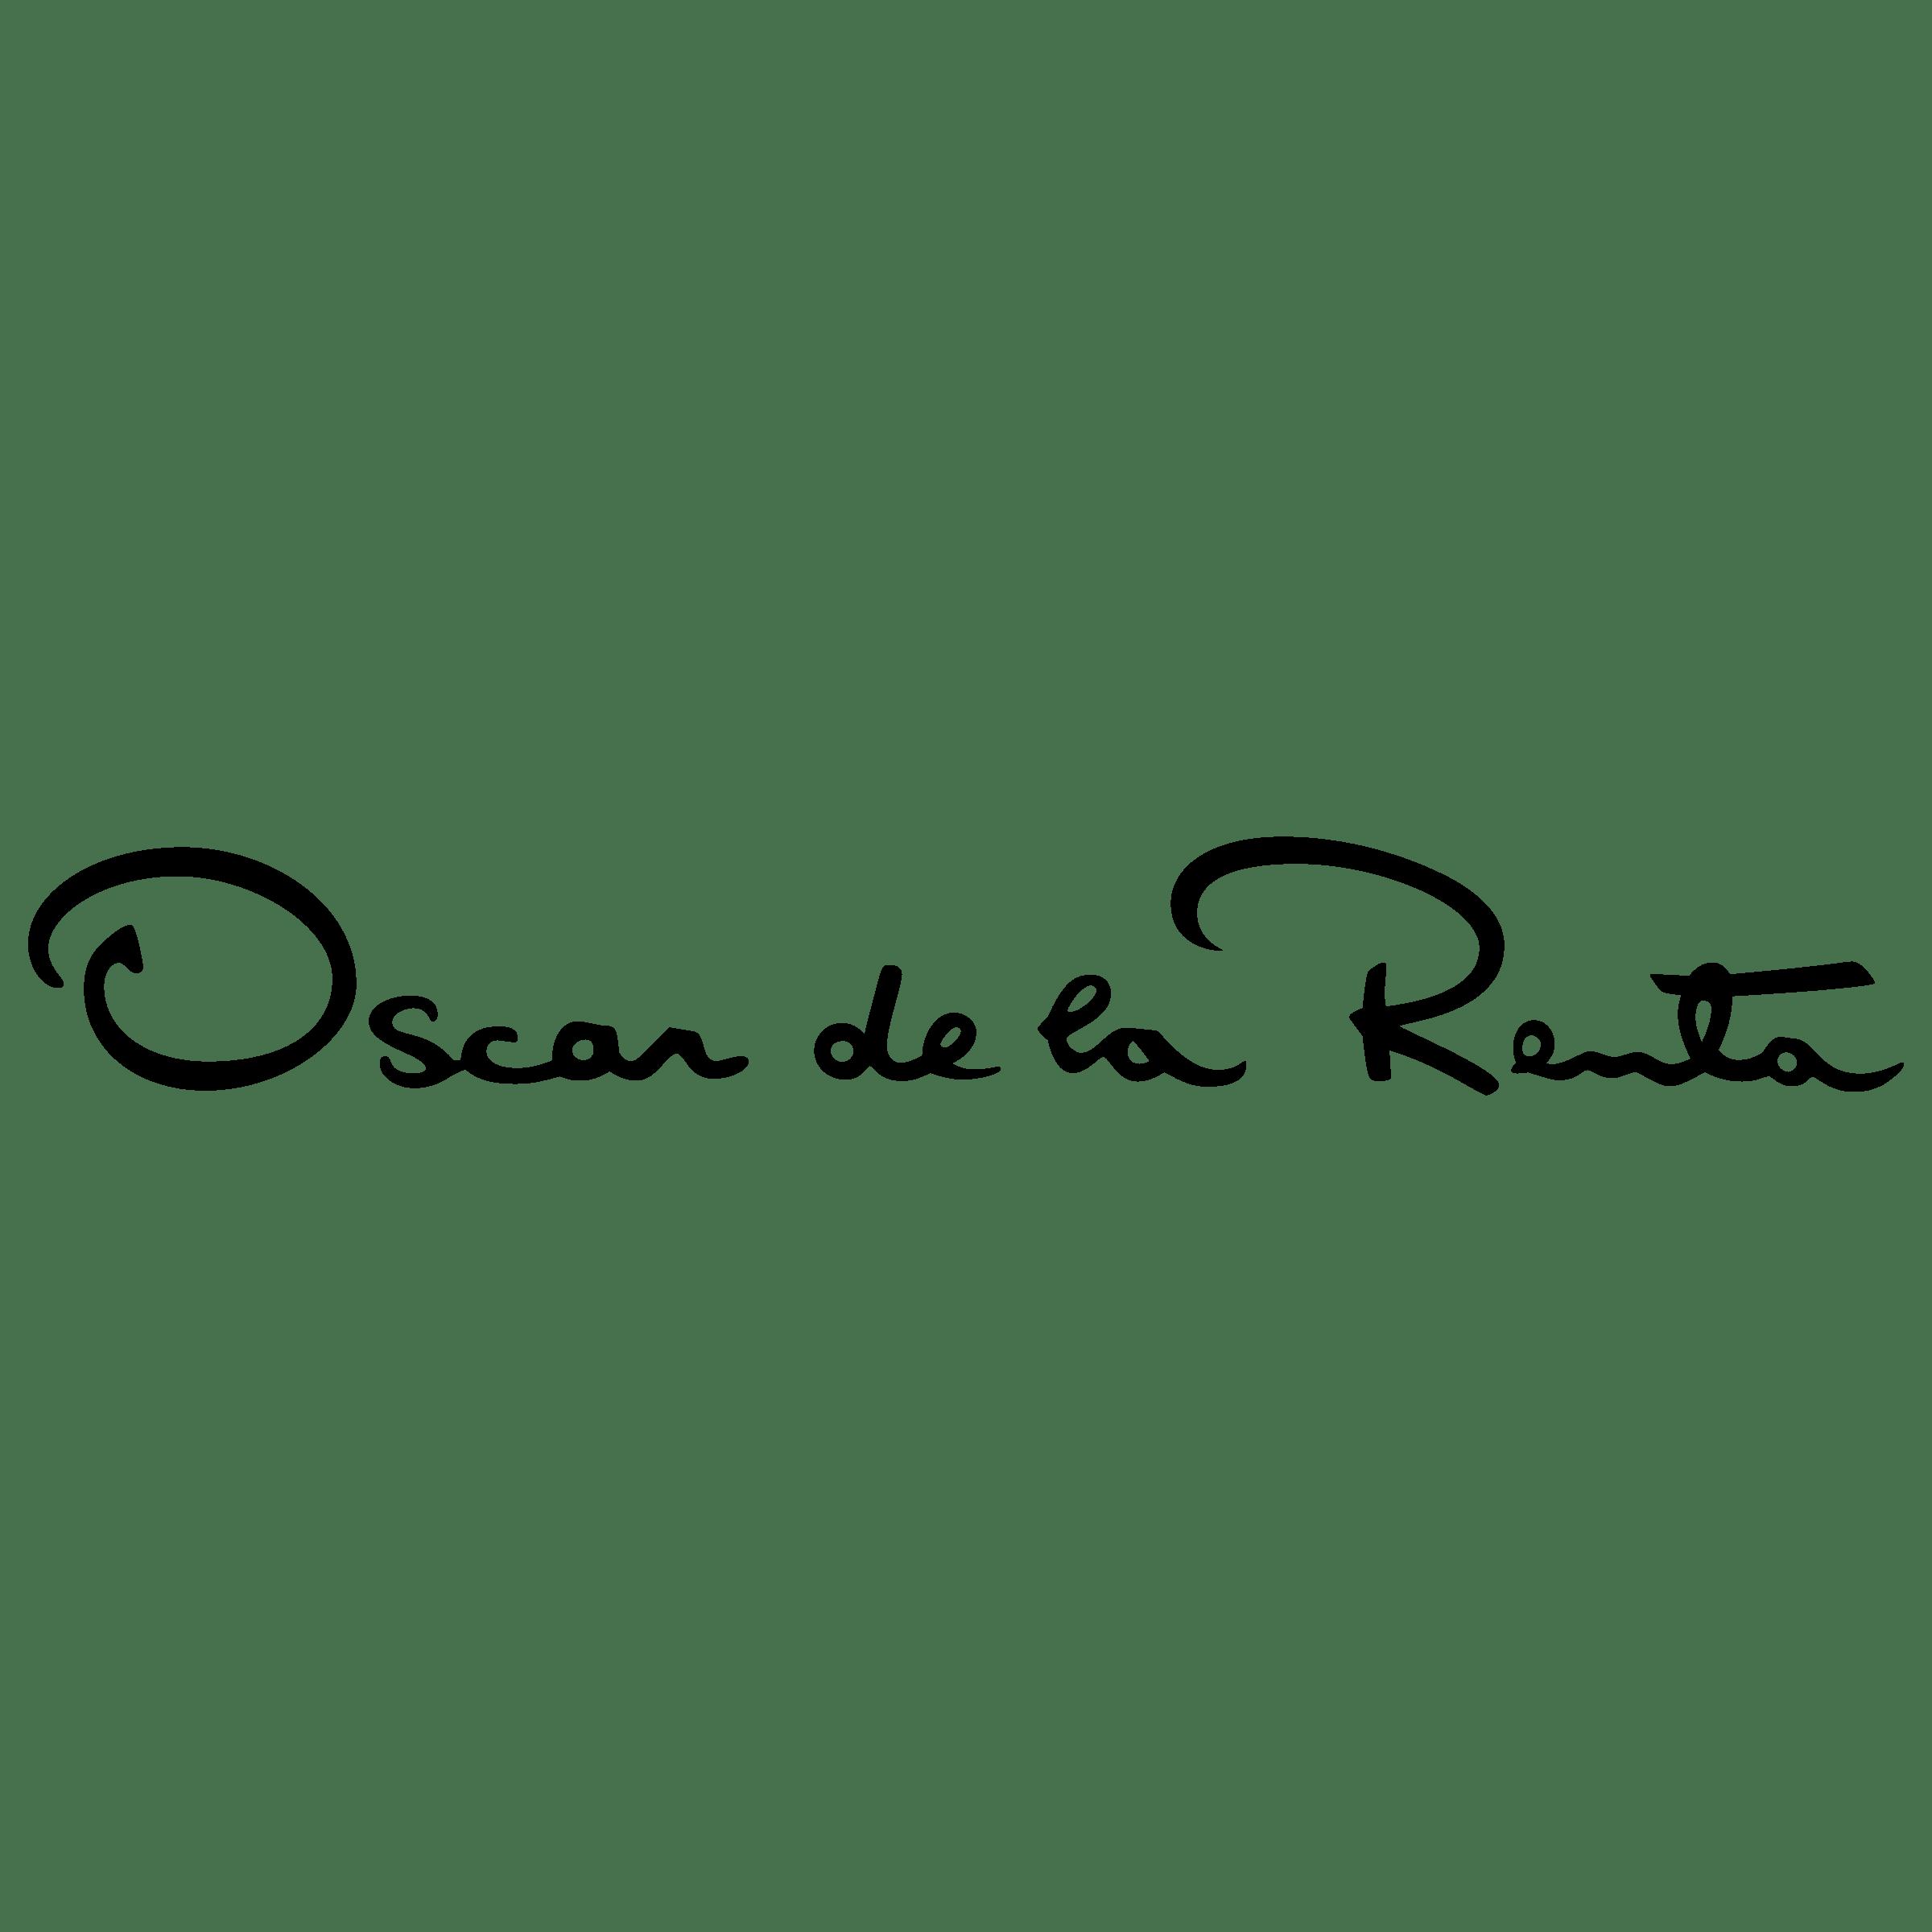 OscardelaRenta.png